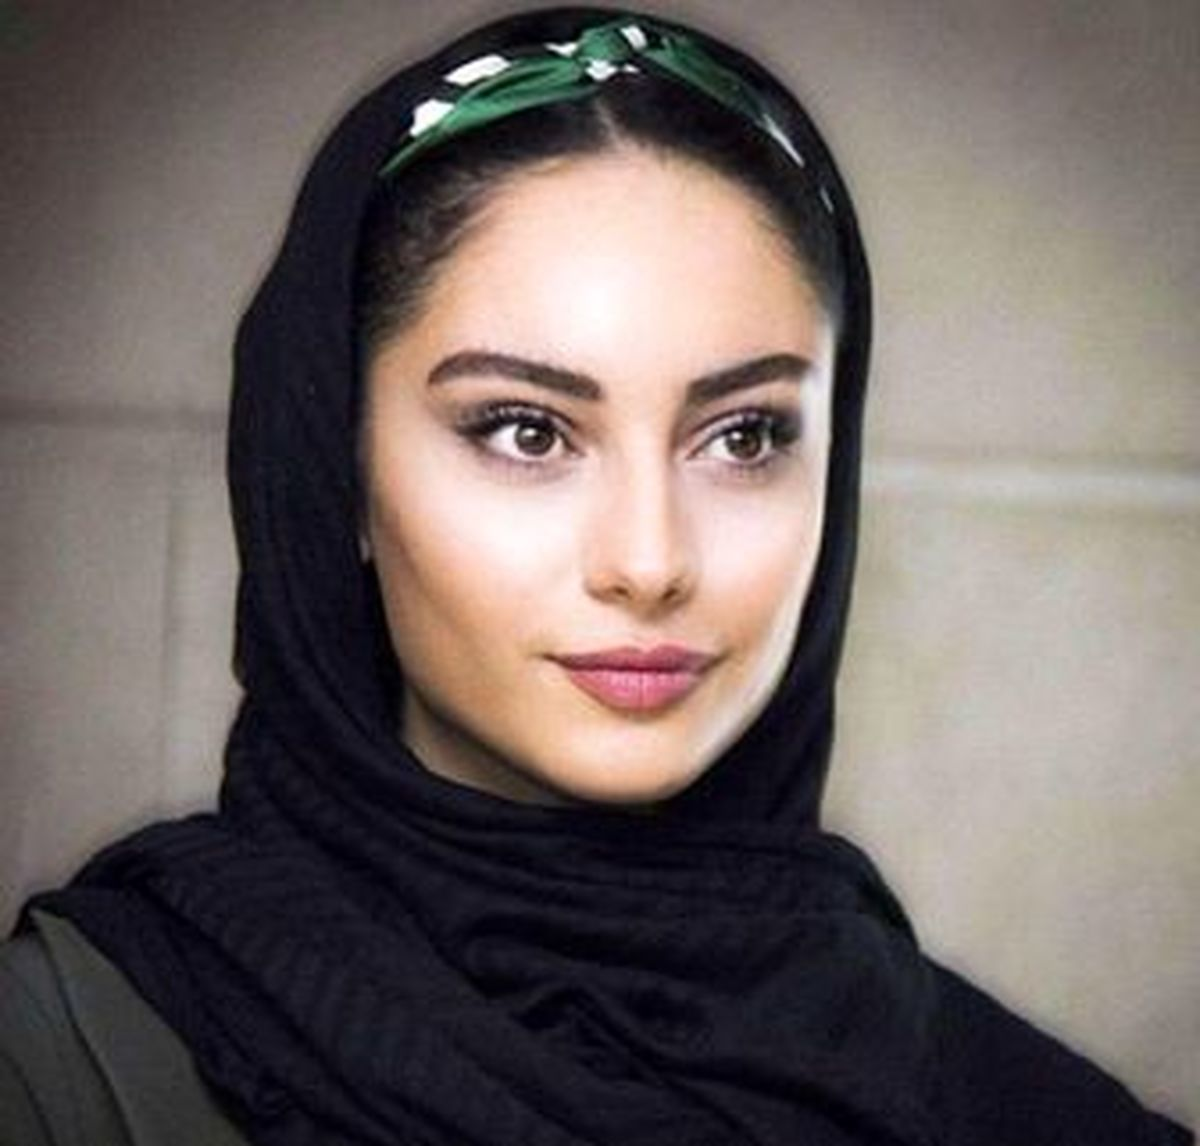 عکس جدیدی ازجنجالی ترین بازیگر زن در فضای مجازی منتشر  شد